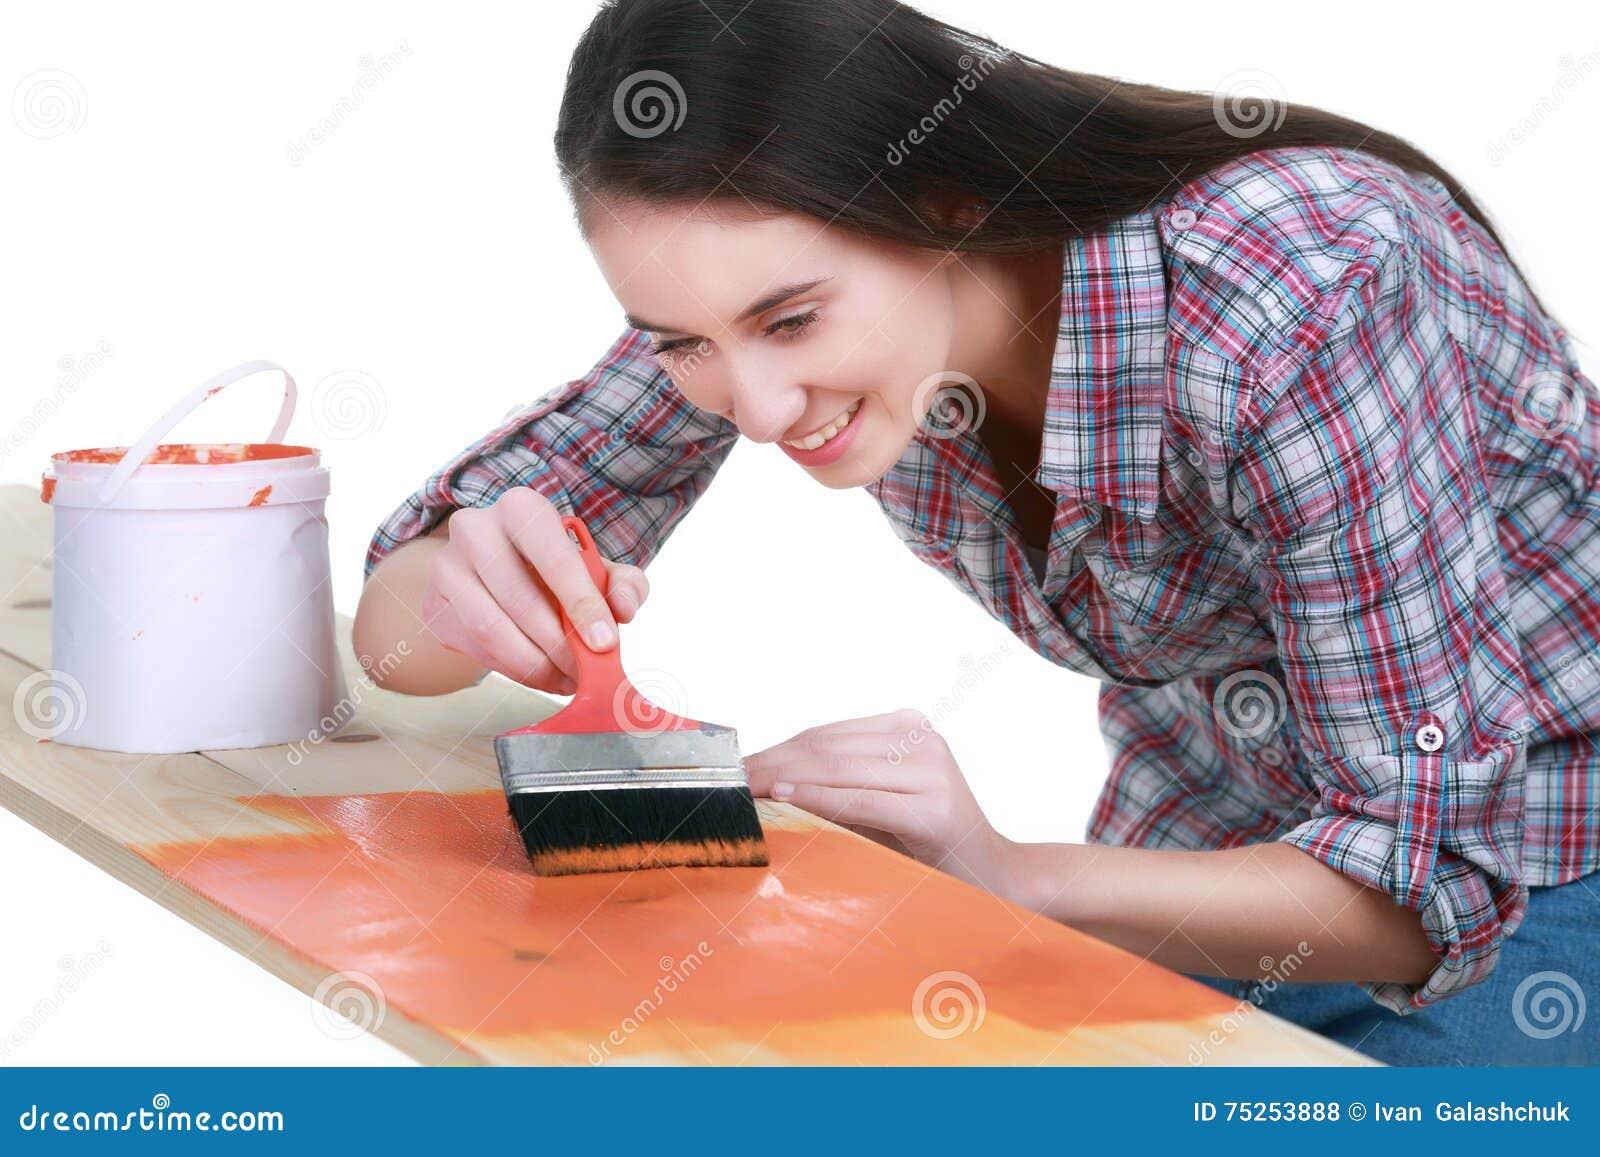 Foto Overhemd En Vrouw Het Schilderen Jonge Speelse Jeans Stock In Ygbf6y7